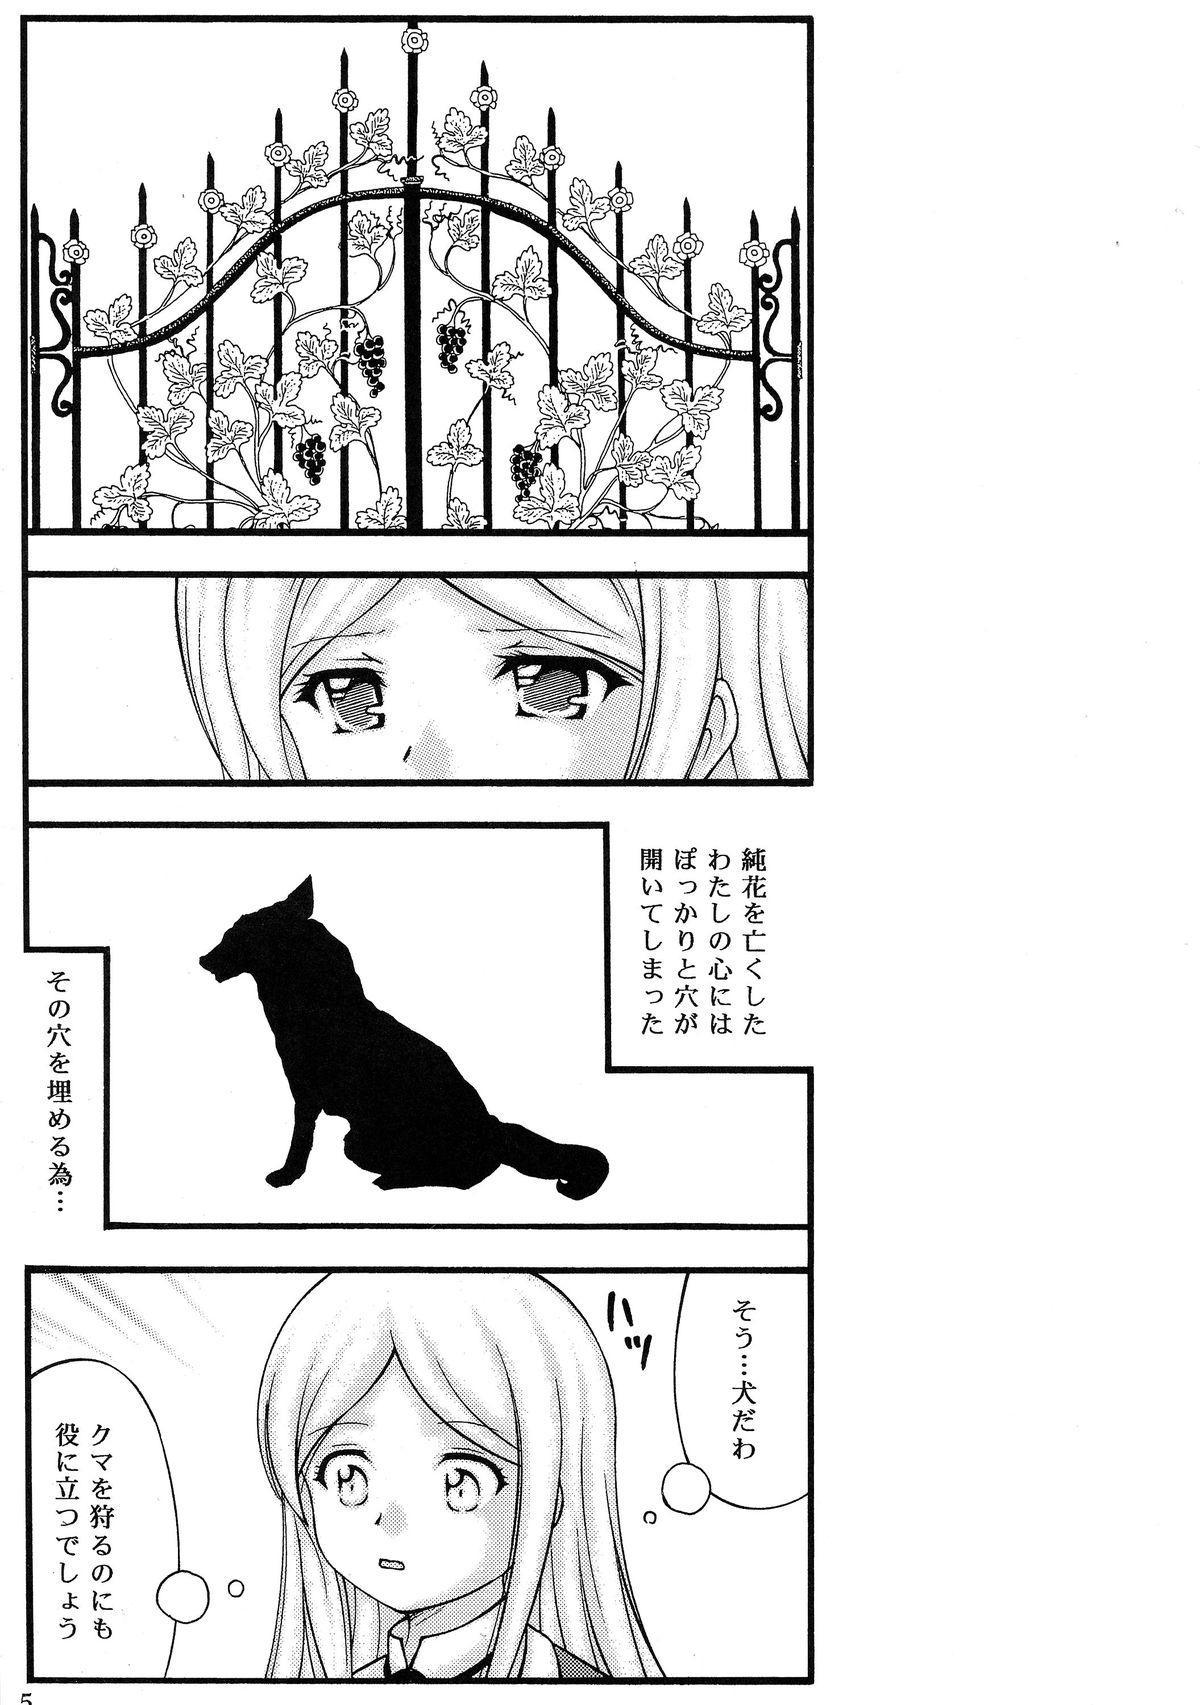 Inu to Shoujo Stockings 3